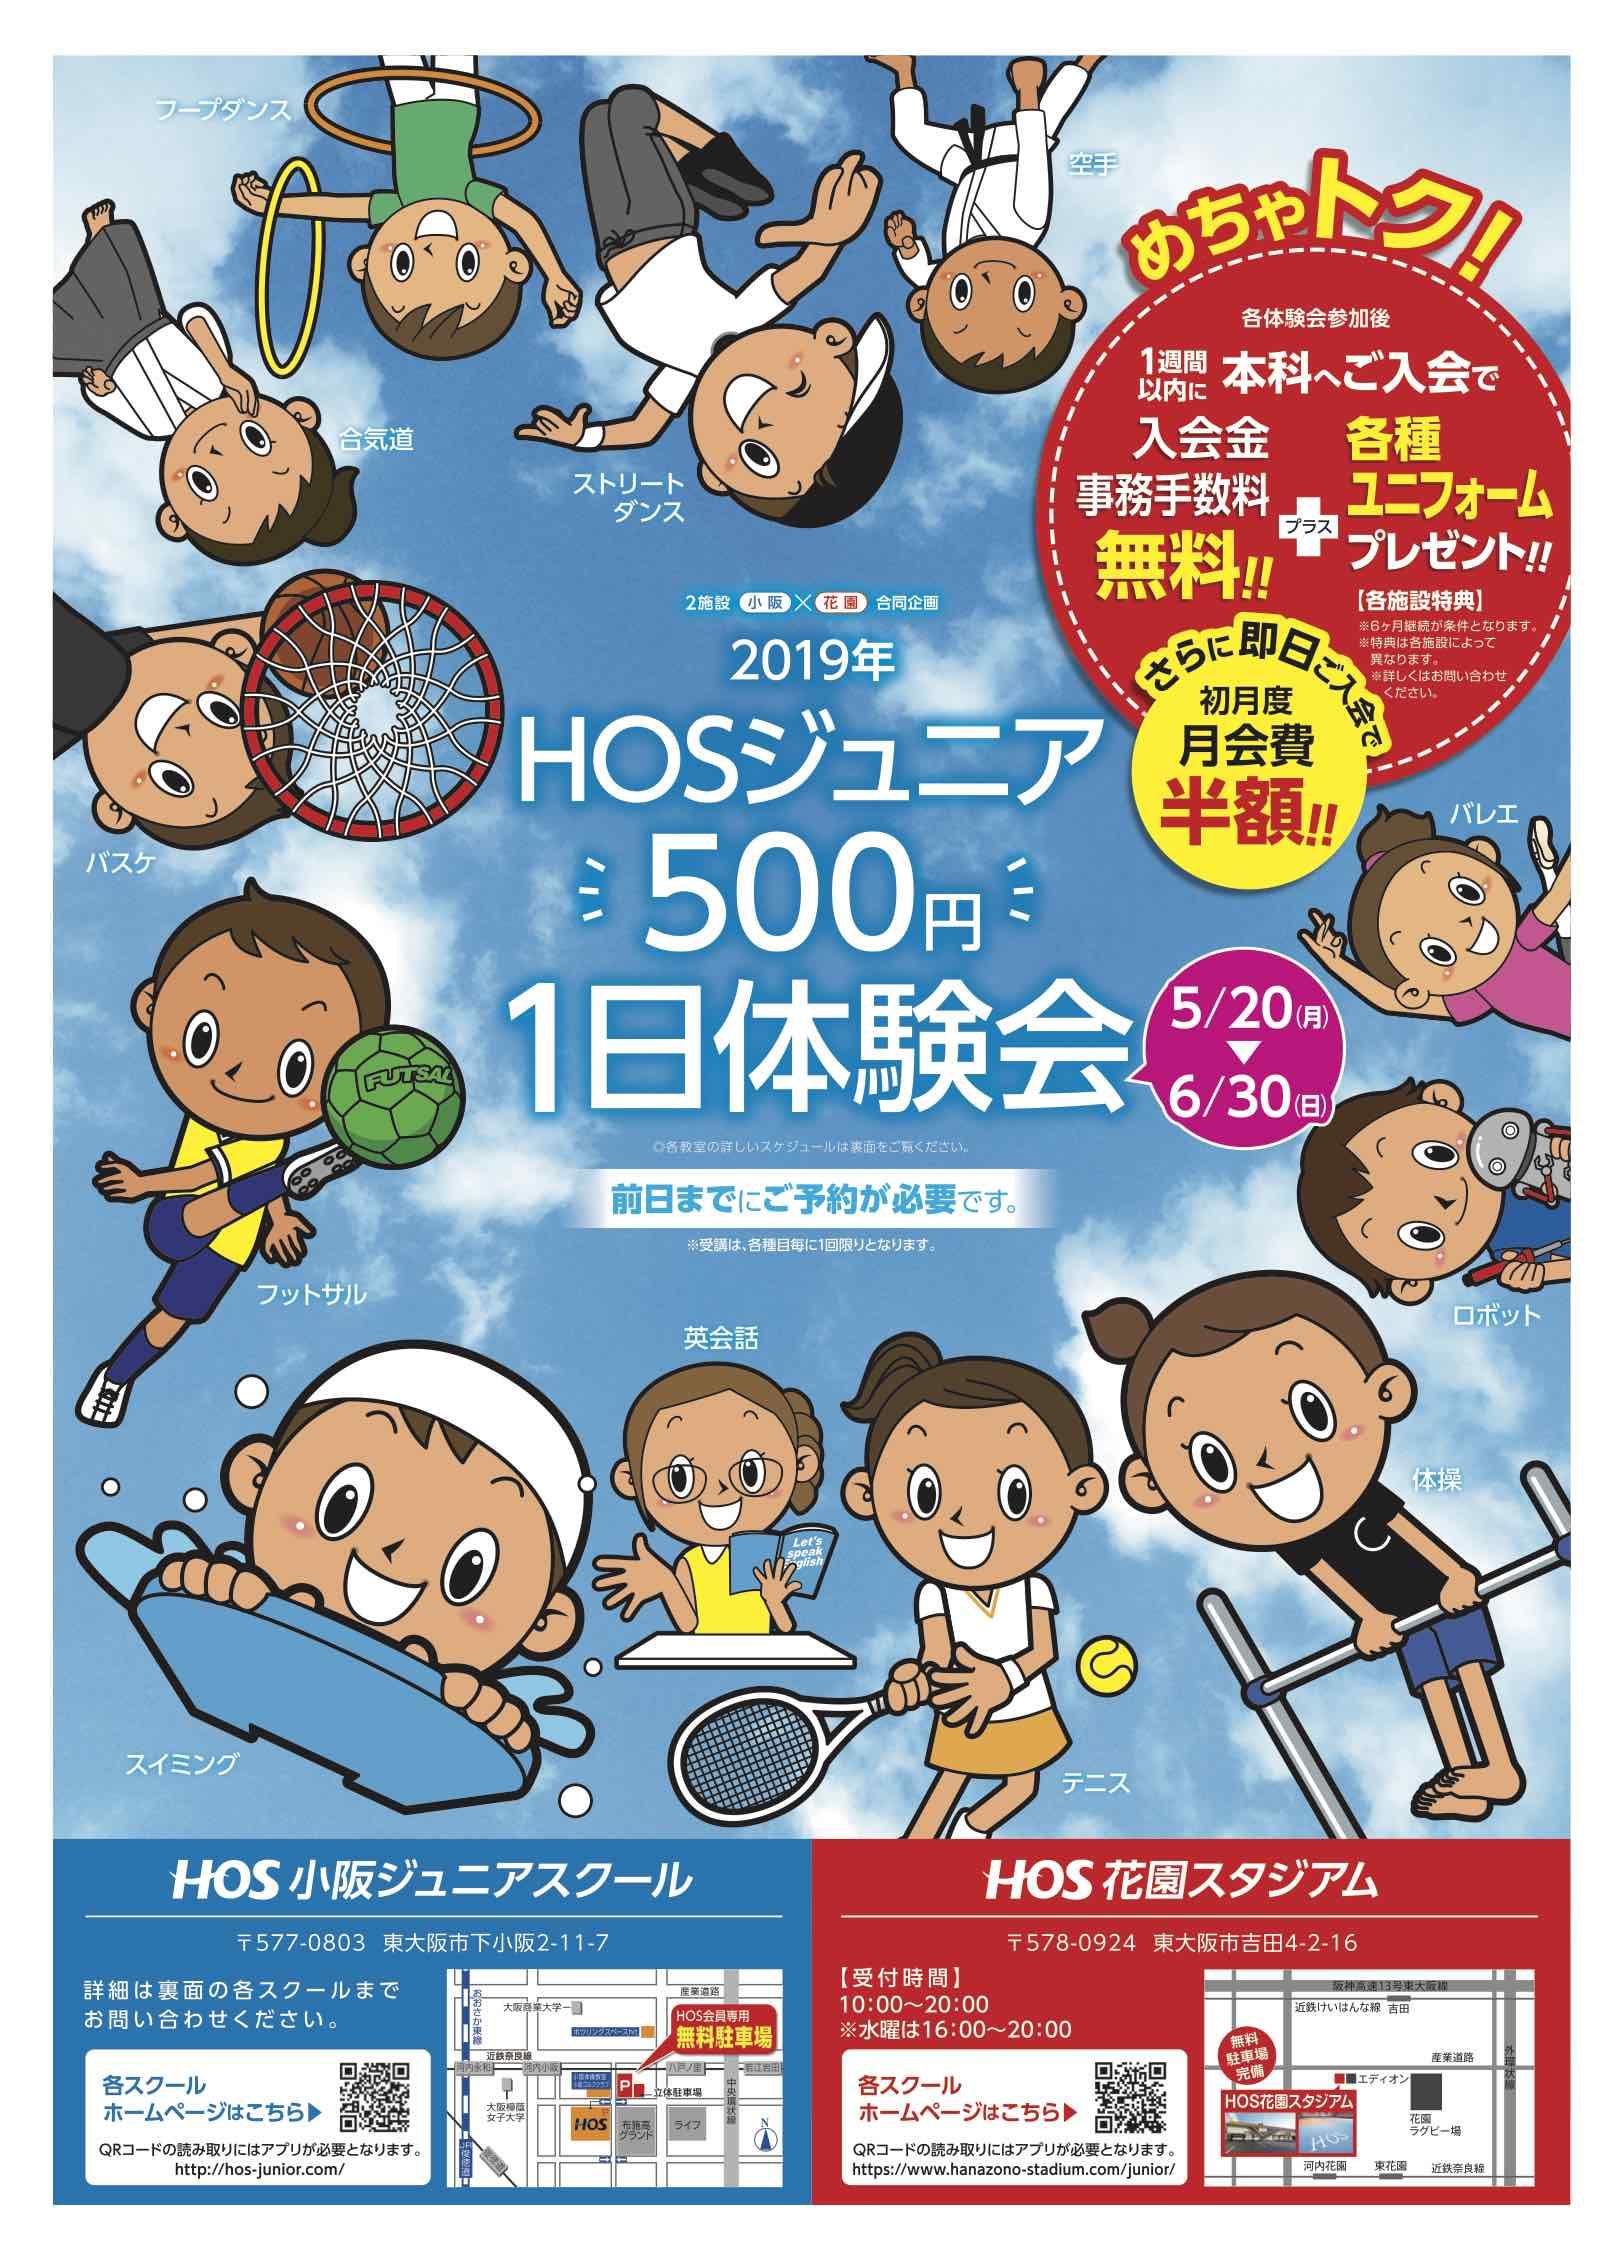 201905-kosaka-hanazono-jr-01